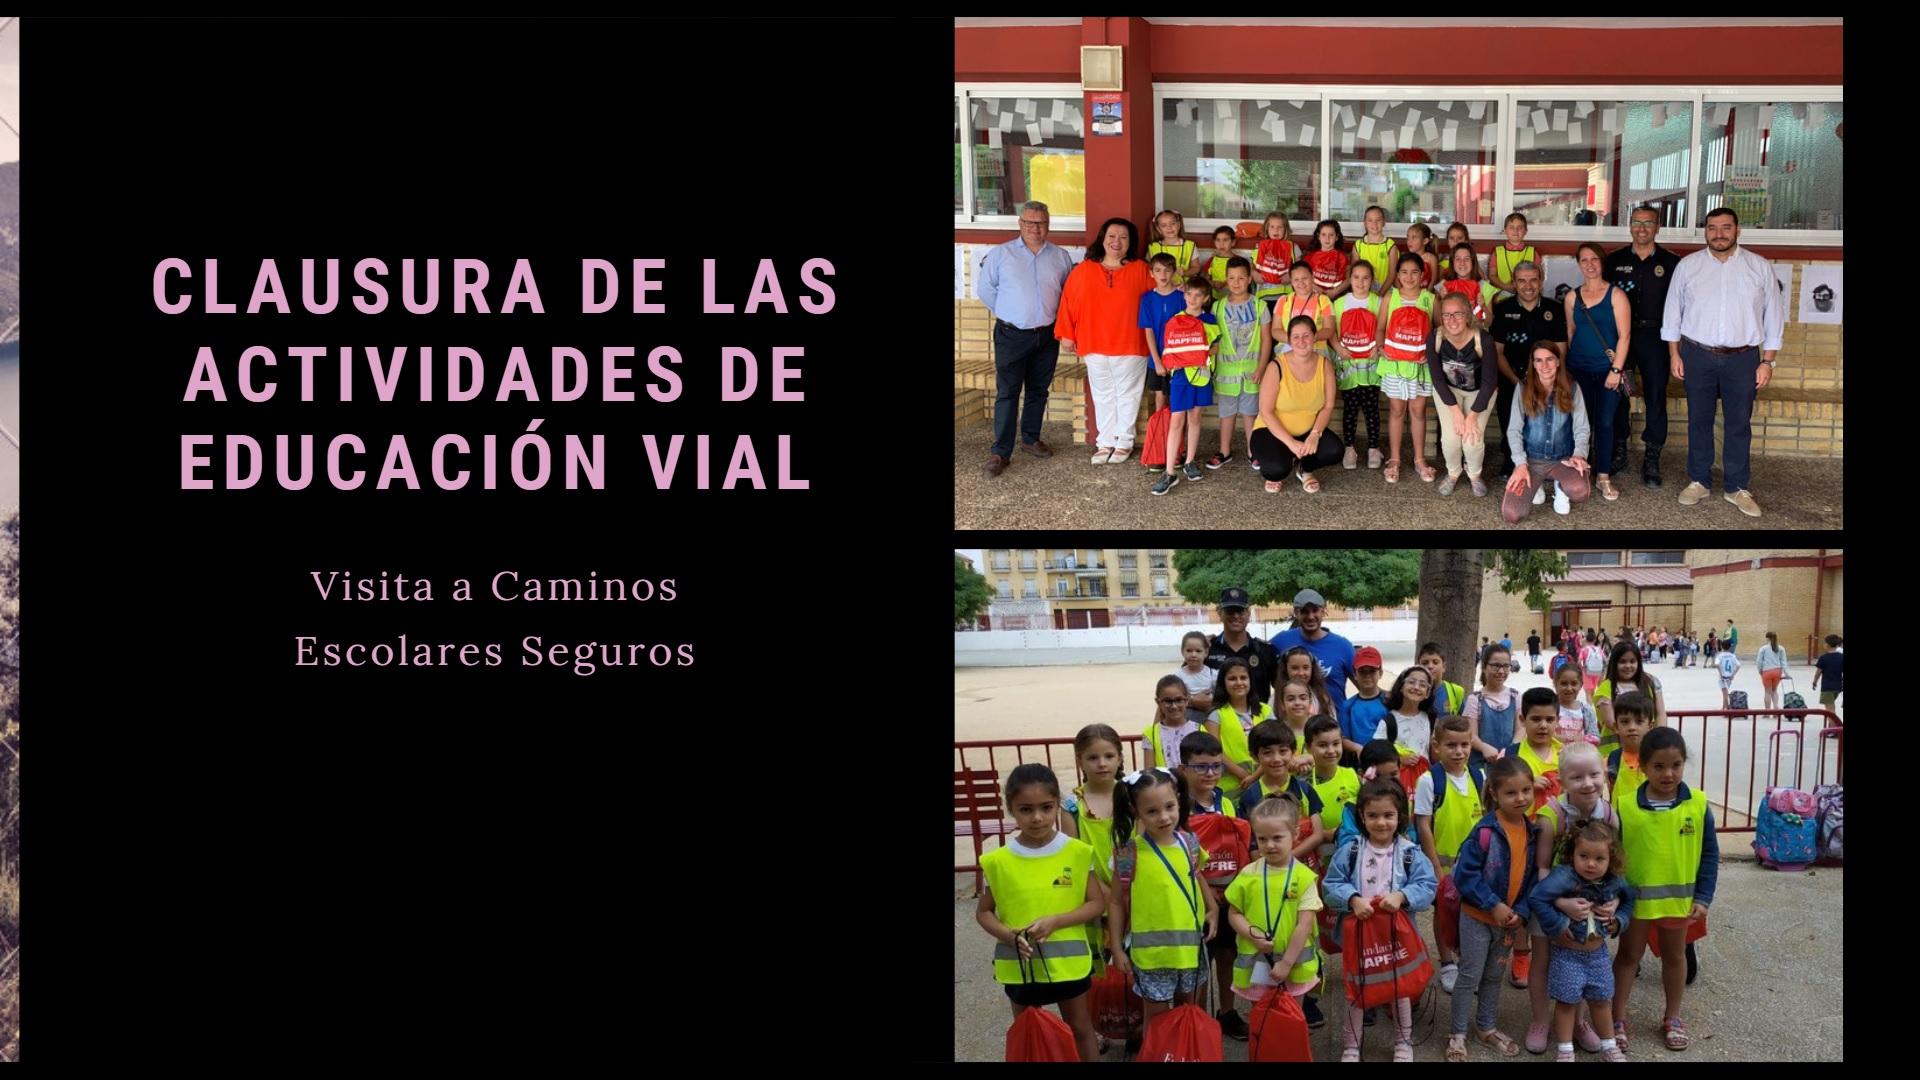 Clausura Educación Vial 2019